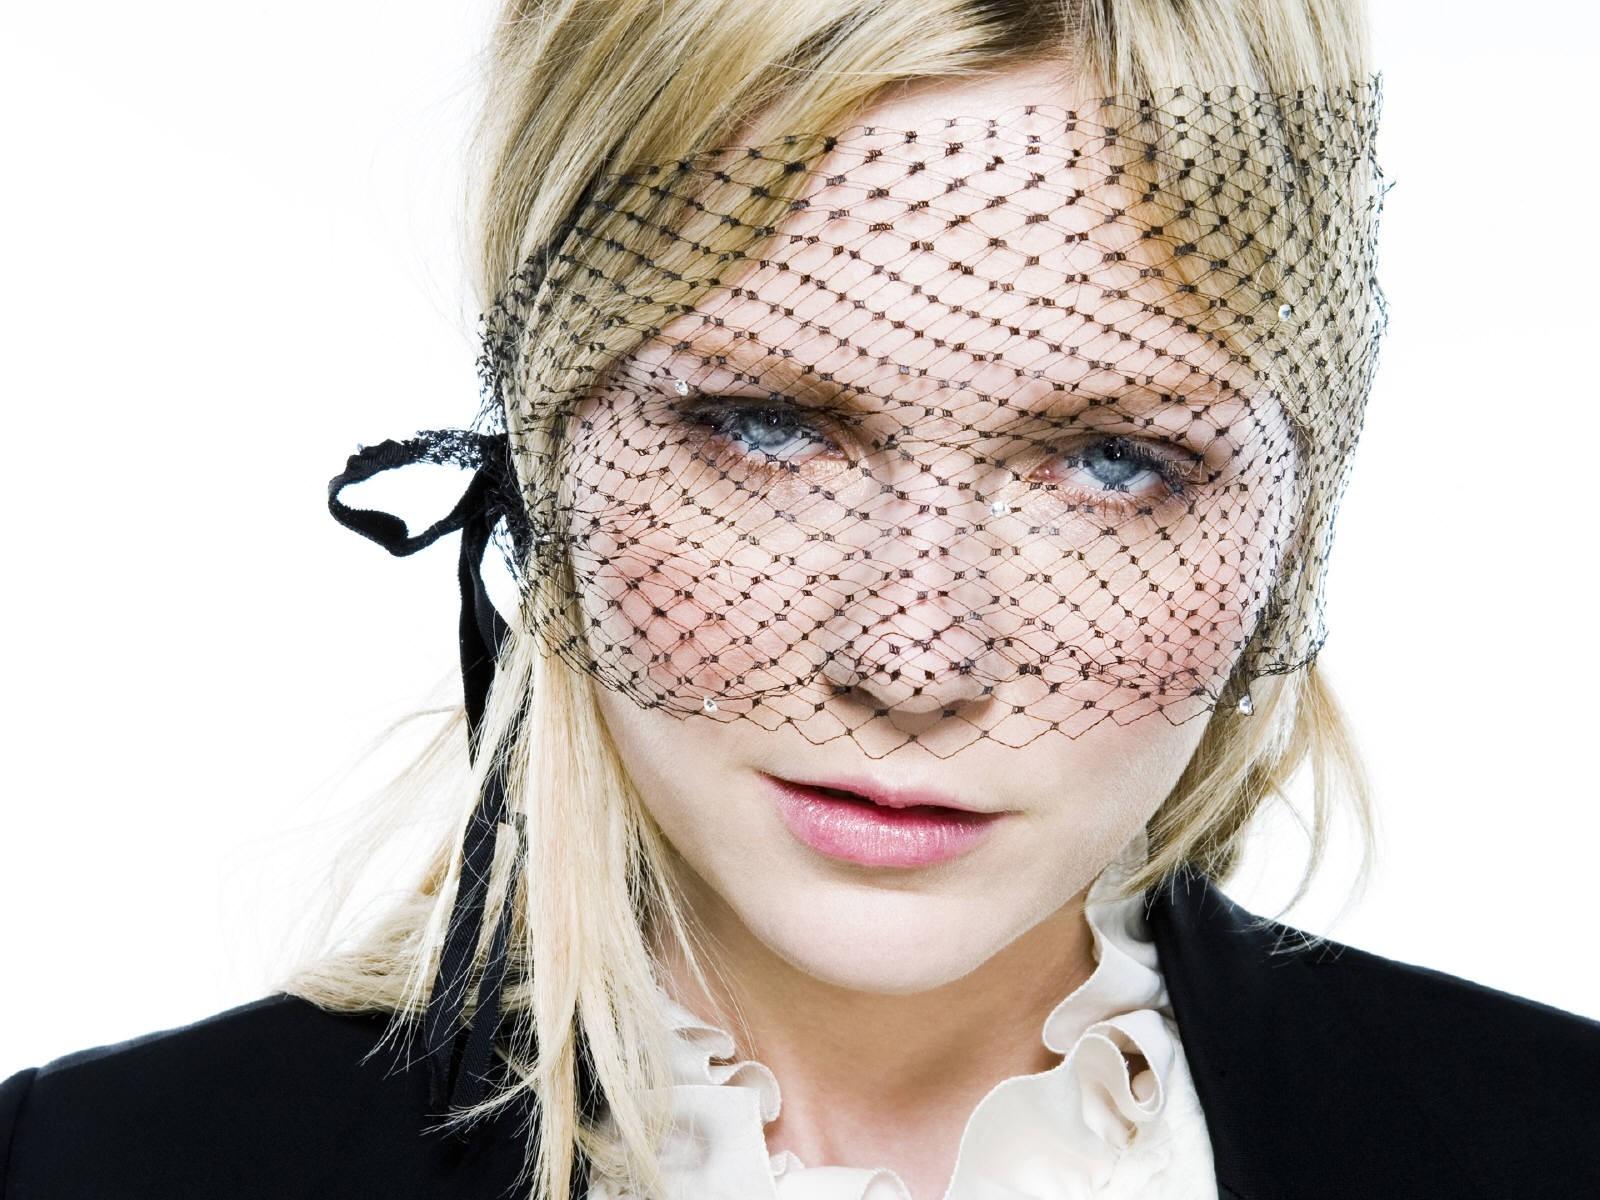 Wallpaper di Kirsten Dunst con lo sguardo velato